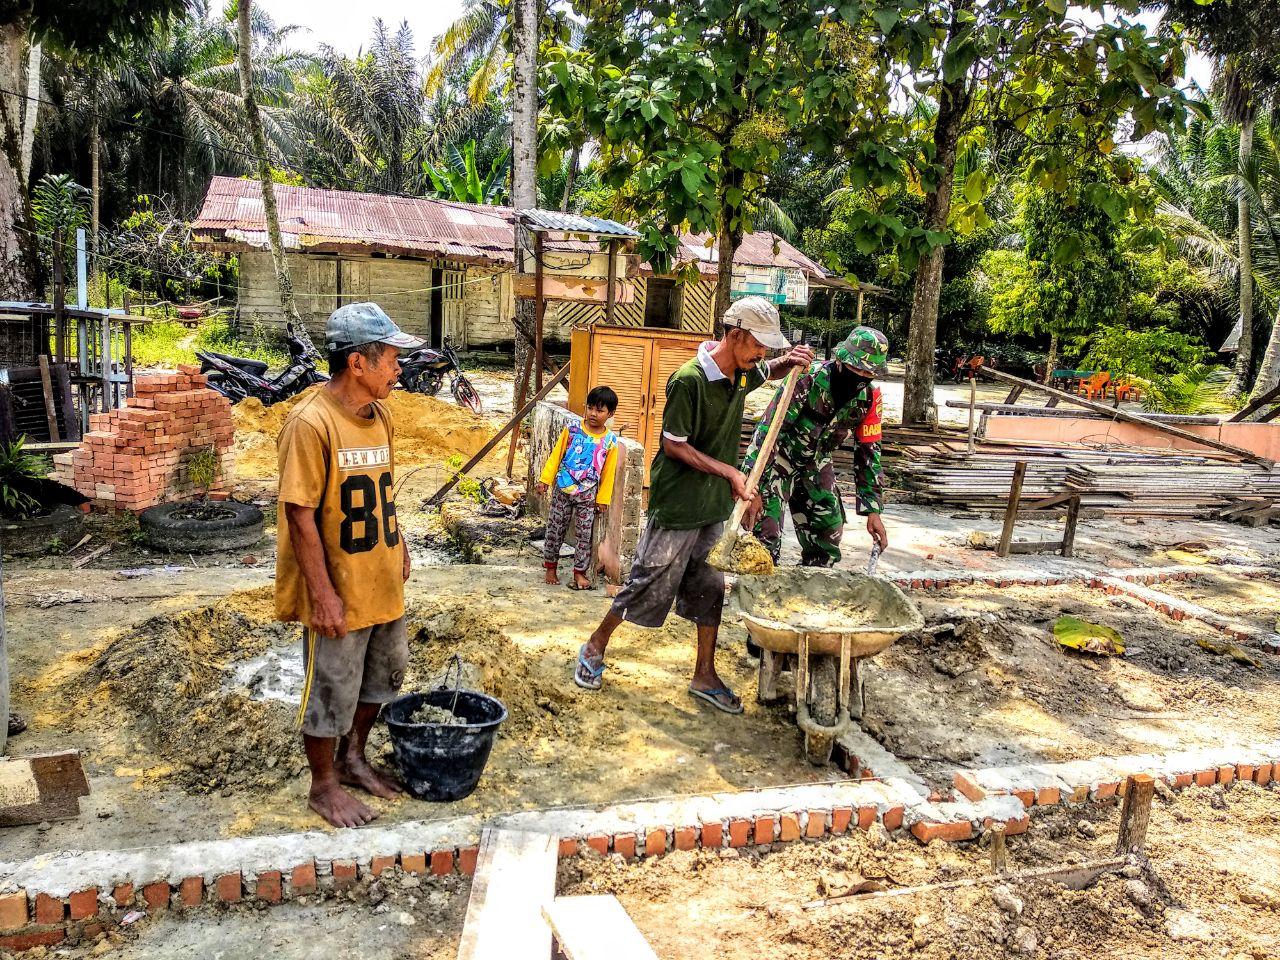 Atasi Kesulitan Warga Babinsa Koramil 09/Langgam Bantu Pembuatan Pondasi Rumah Warga Binaan